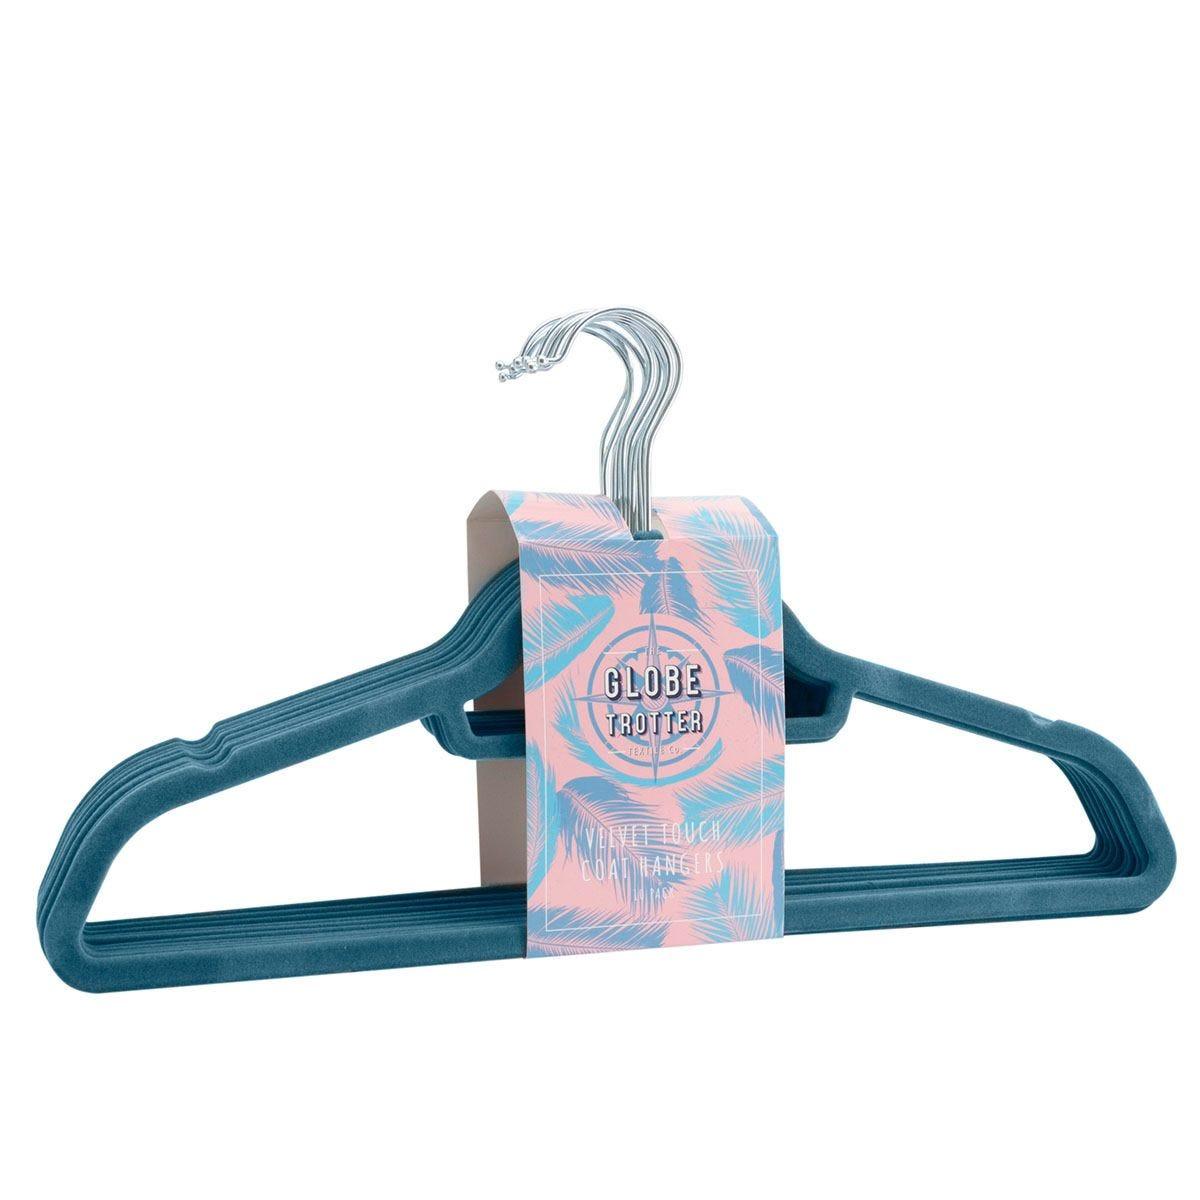 Globetrotter Velvet Touch Coat Hangers Pack of 10 - Light Blue